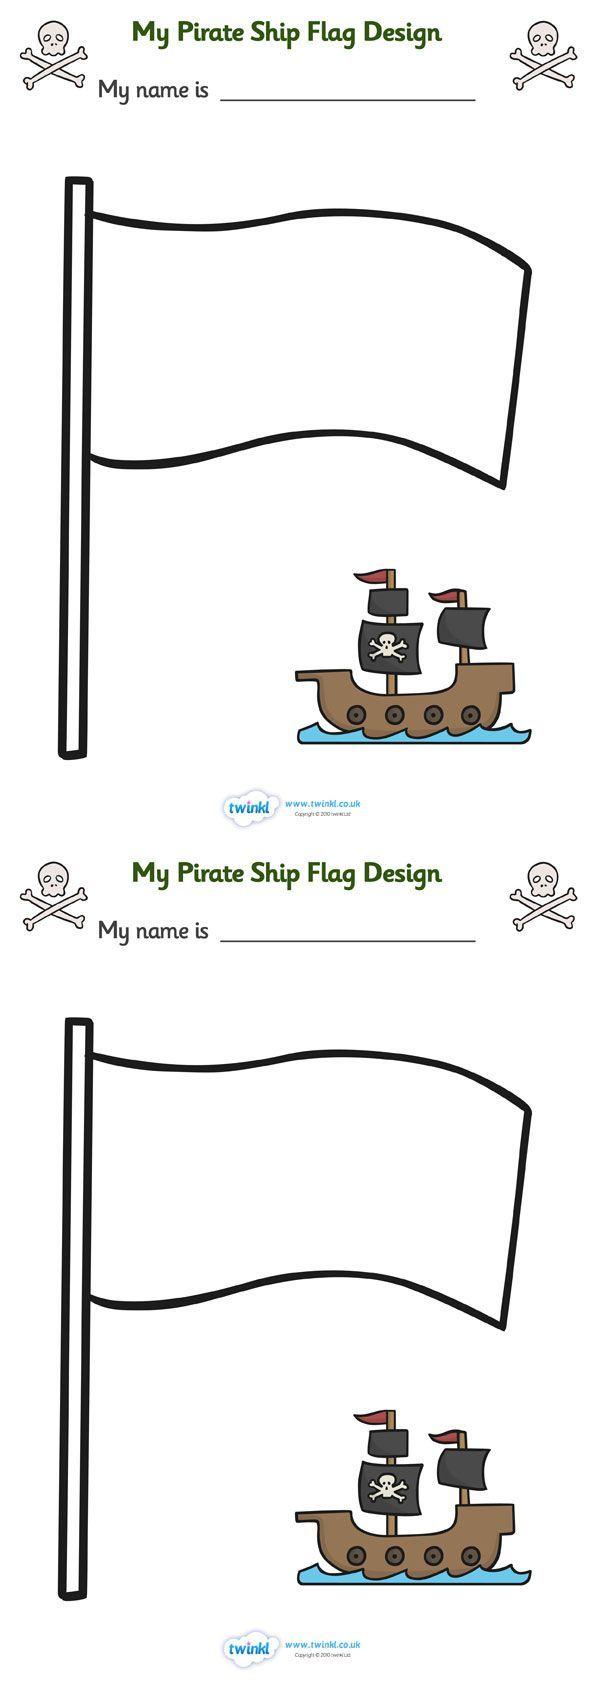 deze piratenvlag kan ik gebruiken voor mijn spel met de boten.